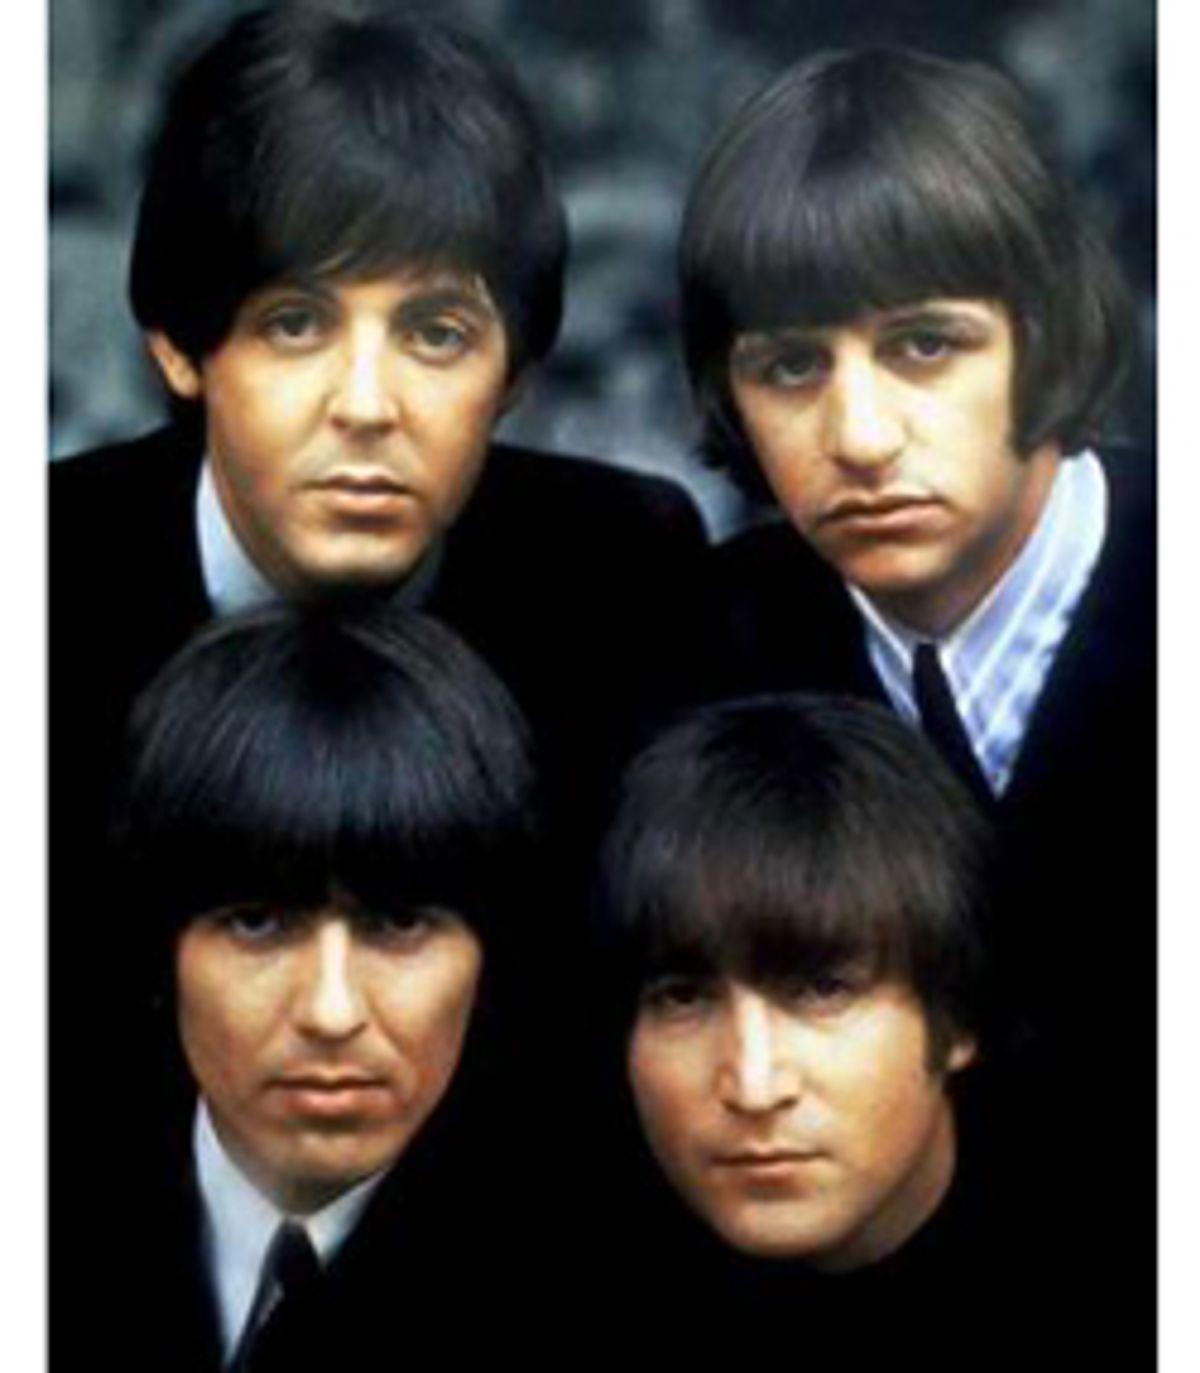 Beatles Online Soon?